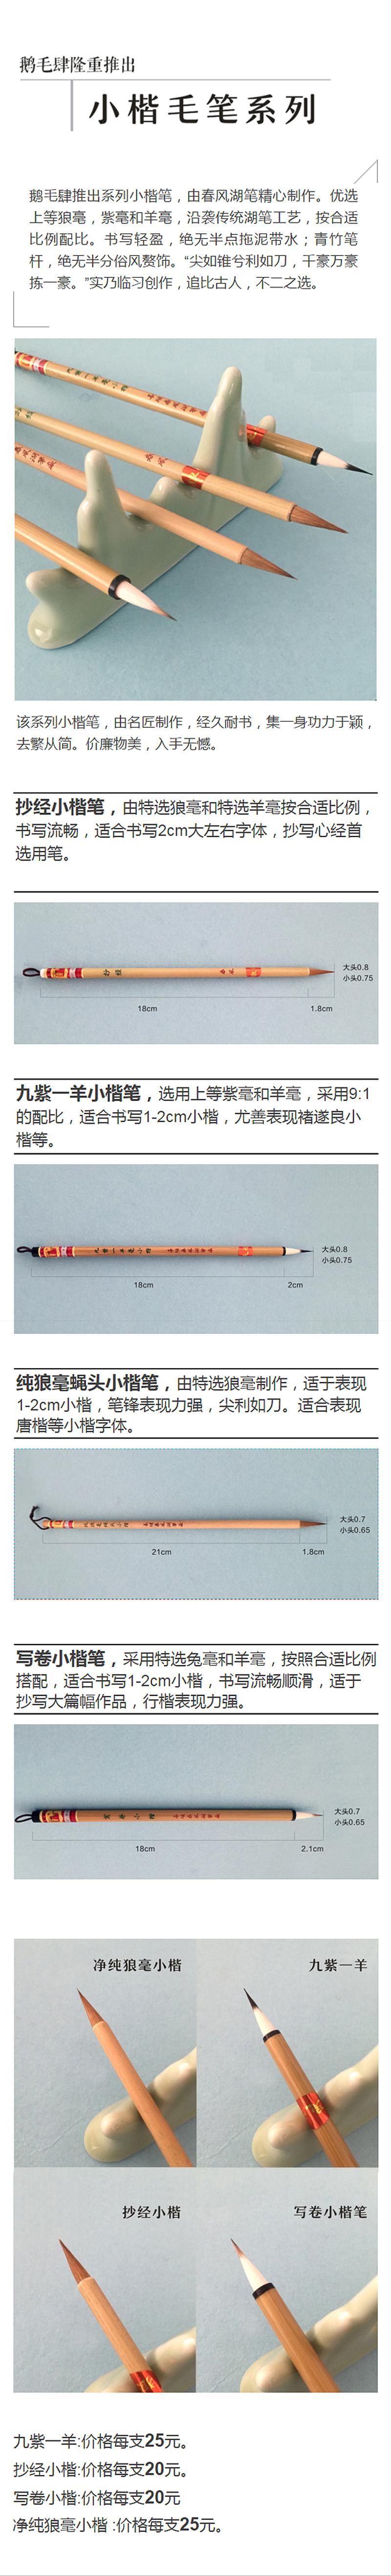 传统湖笔技艺,纯动物毛制作小楷笔系列